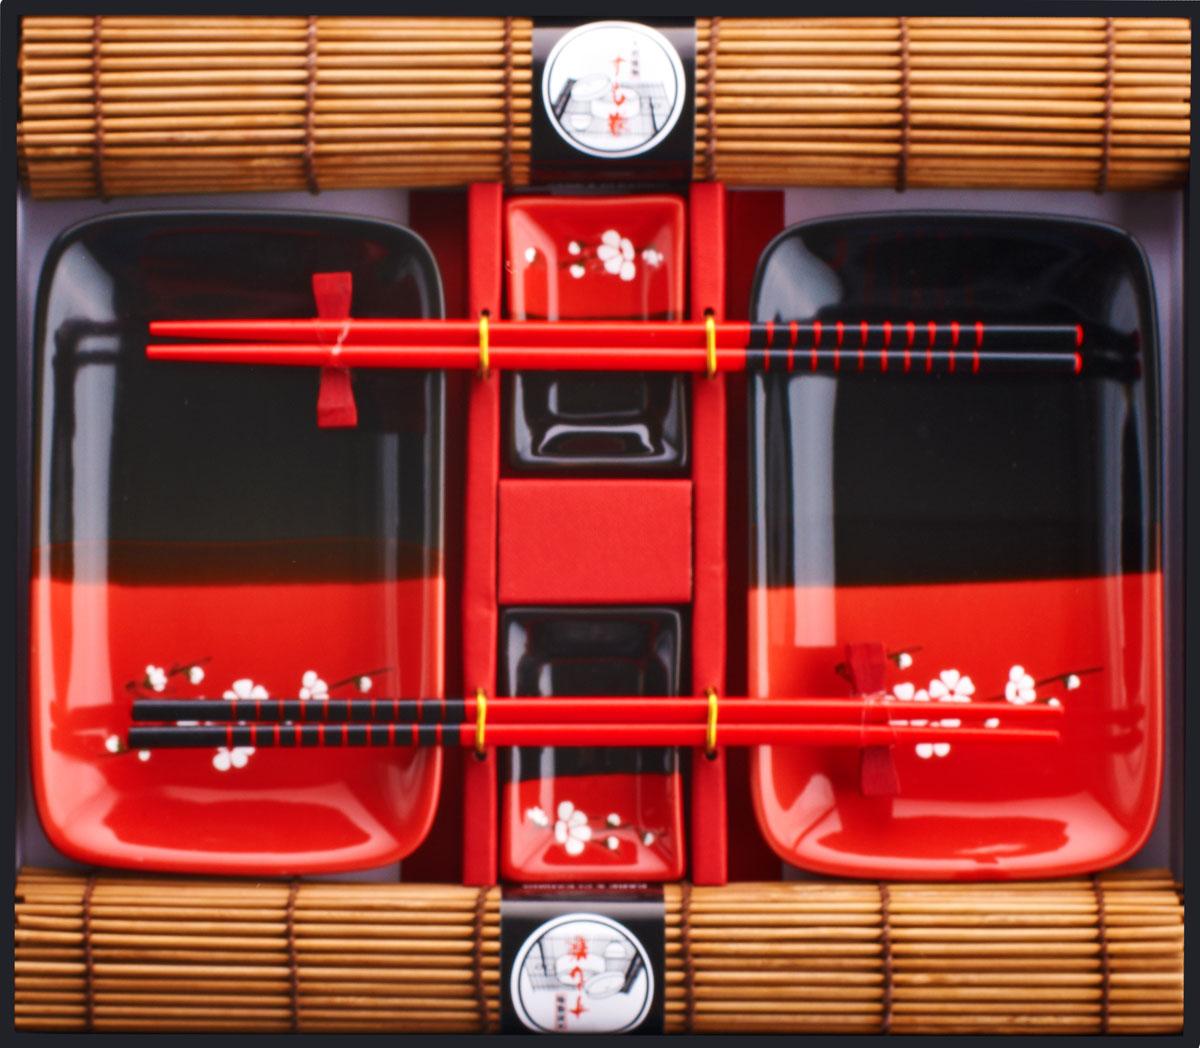 Набор для суши, цвет: красный, черный, коричневый, 10 предметов40433Набор для суши,выполненный из керамики и бамбука, идеален в качествеподарка любителям восточной кухни. Вкомплекте два блюда, две пиалы для соуса, дваковрика, две подставки для палочек, два набора палочек.Данный набор идеально подойдет для грамотнойи красивой сервировки стола.